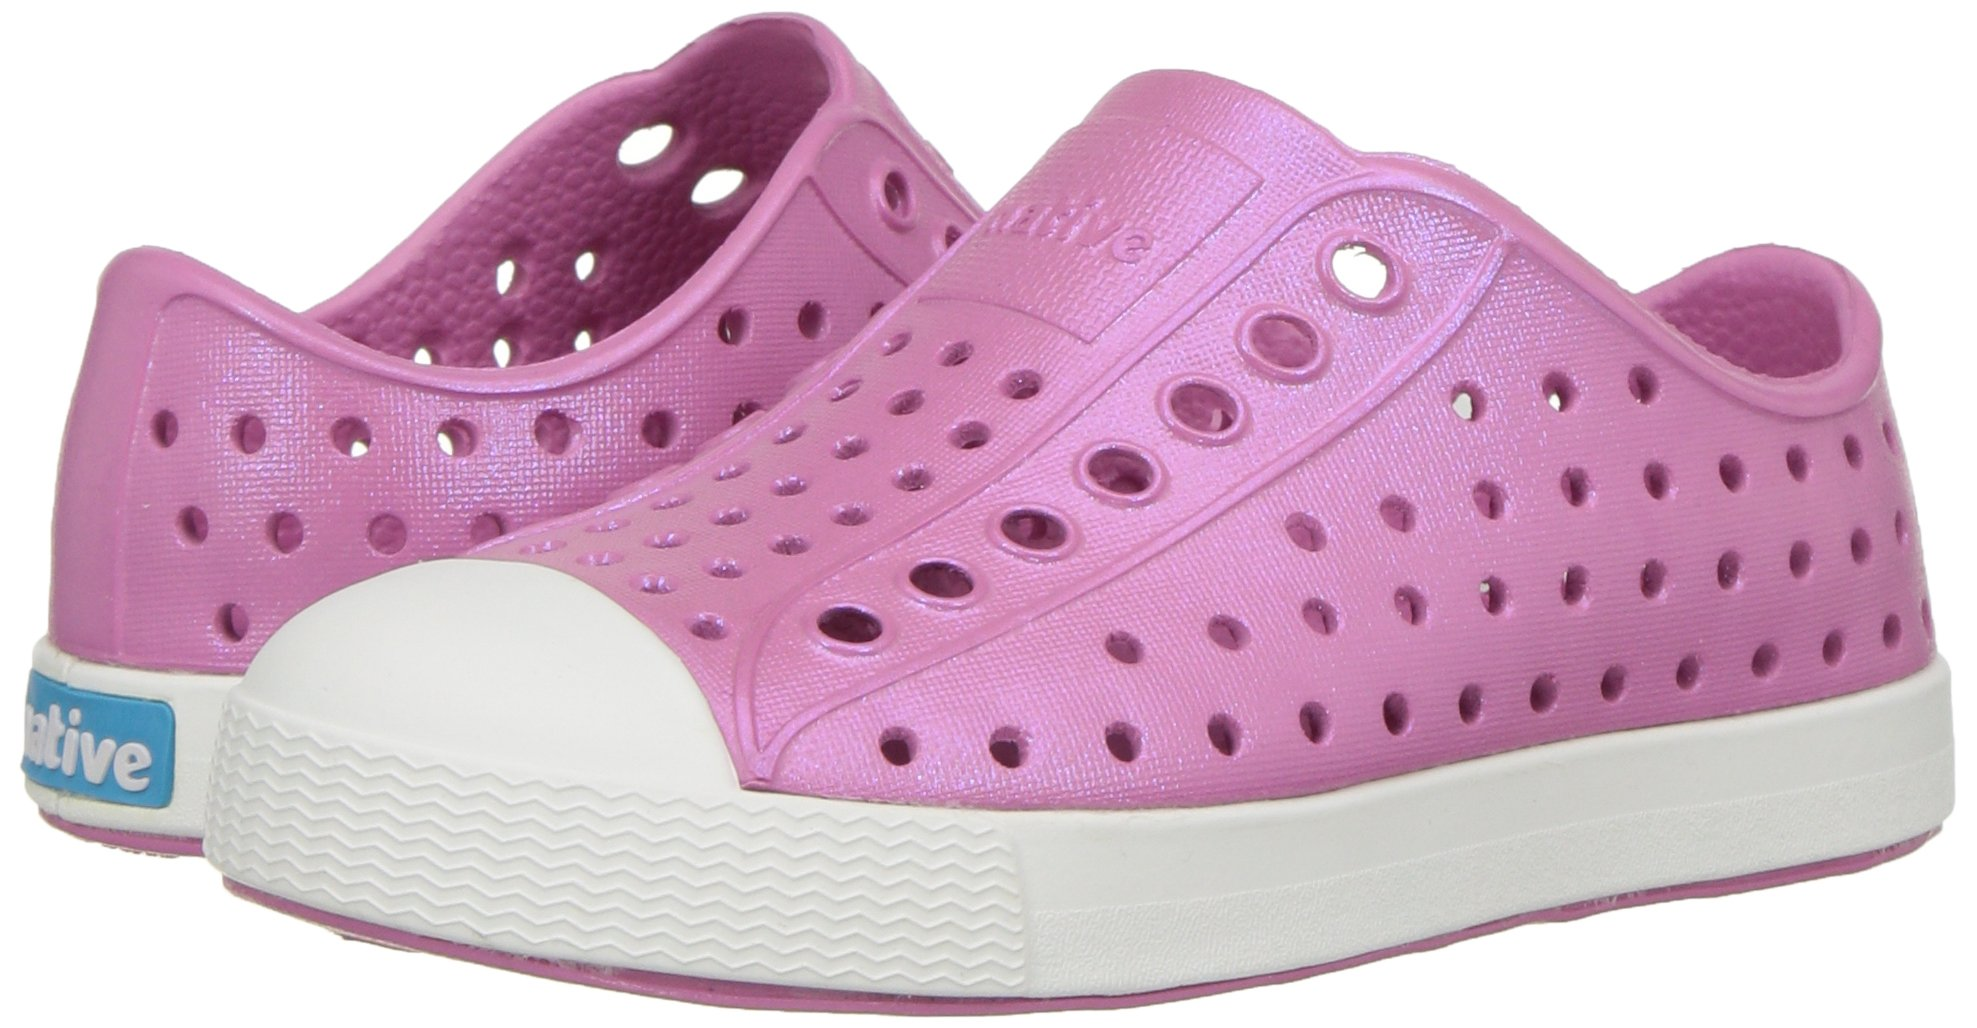 native Kids Iridescent Jefferson Water Proof Shoes Malibu Pink